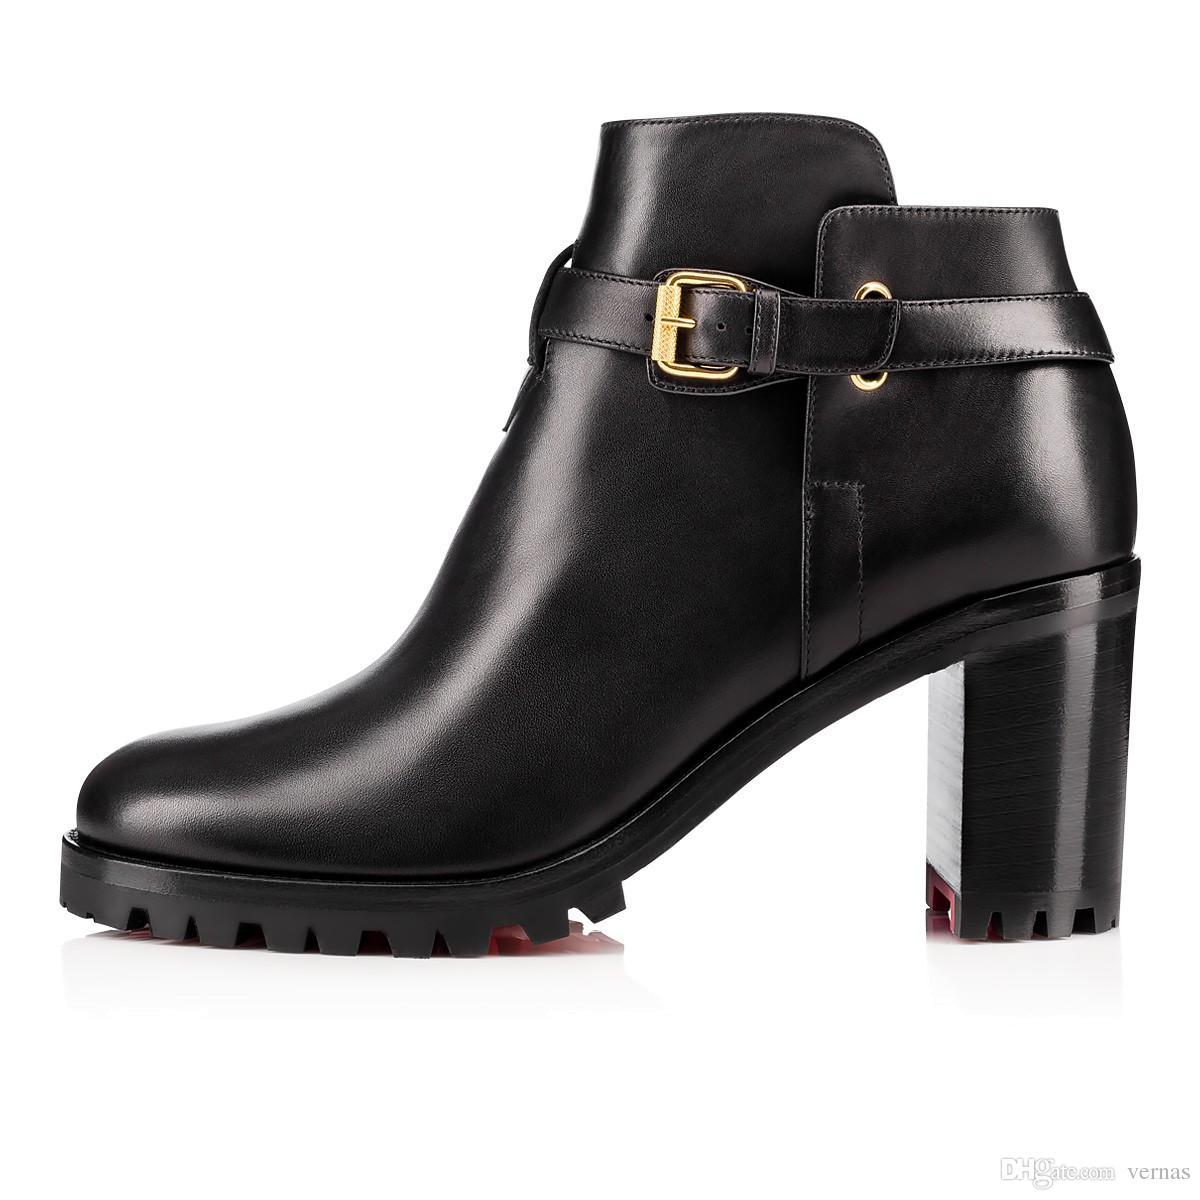 Moda Mujer Botas de Fondo Rojo Negro Comuna de Cuero Genuino Botines Para Las Mujeres Vestido de Fiesta Plana de Invierno de Lujo Zapatos de Diseñador Tamaño 35-42